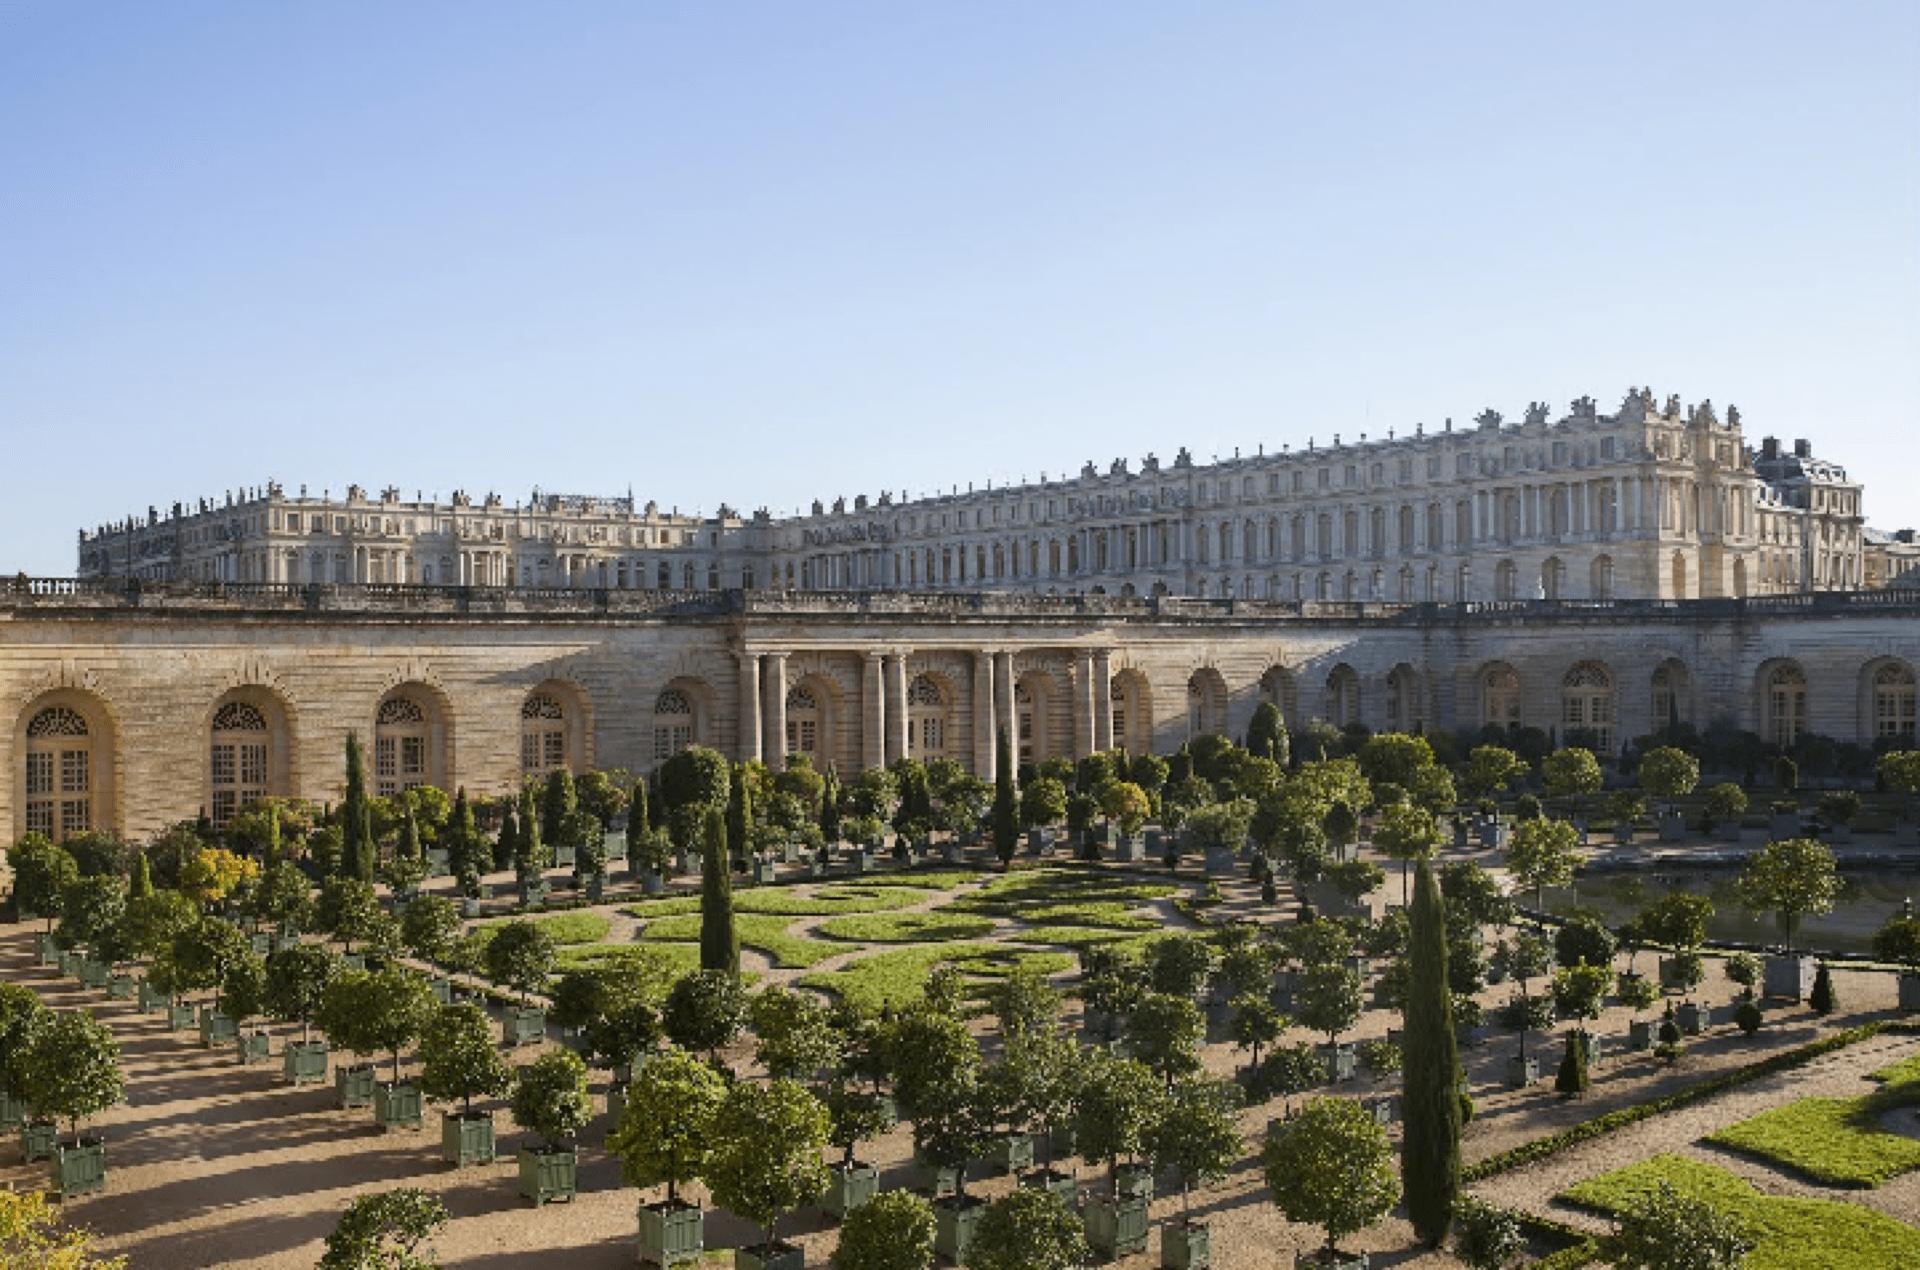 Vista do L'Orangerie, o famoso laranjal do castelo, que abrigava mais de mil árvores em caixas. Durante o inverno, elas eram alojadas em um pavilhão aquecido, uma vez que eram de origem mediterrânea e não suportavam o frio europeu.